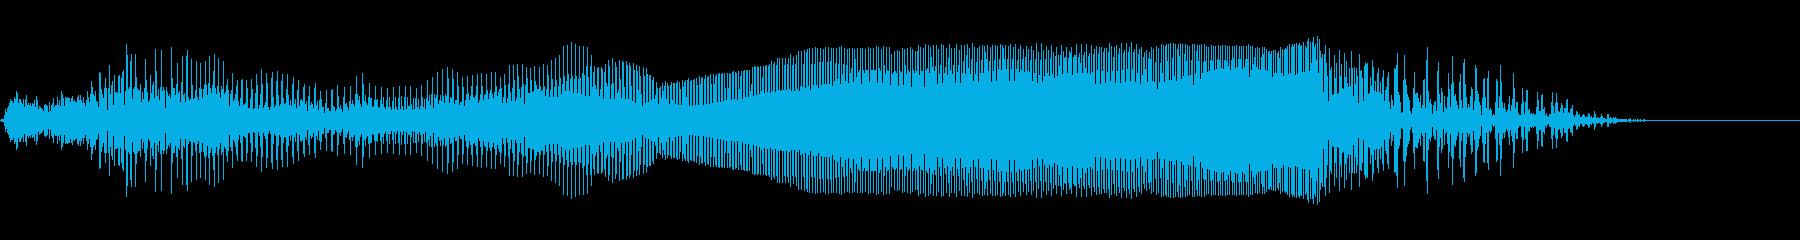 とー!の再生済みの波形